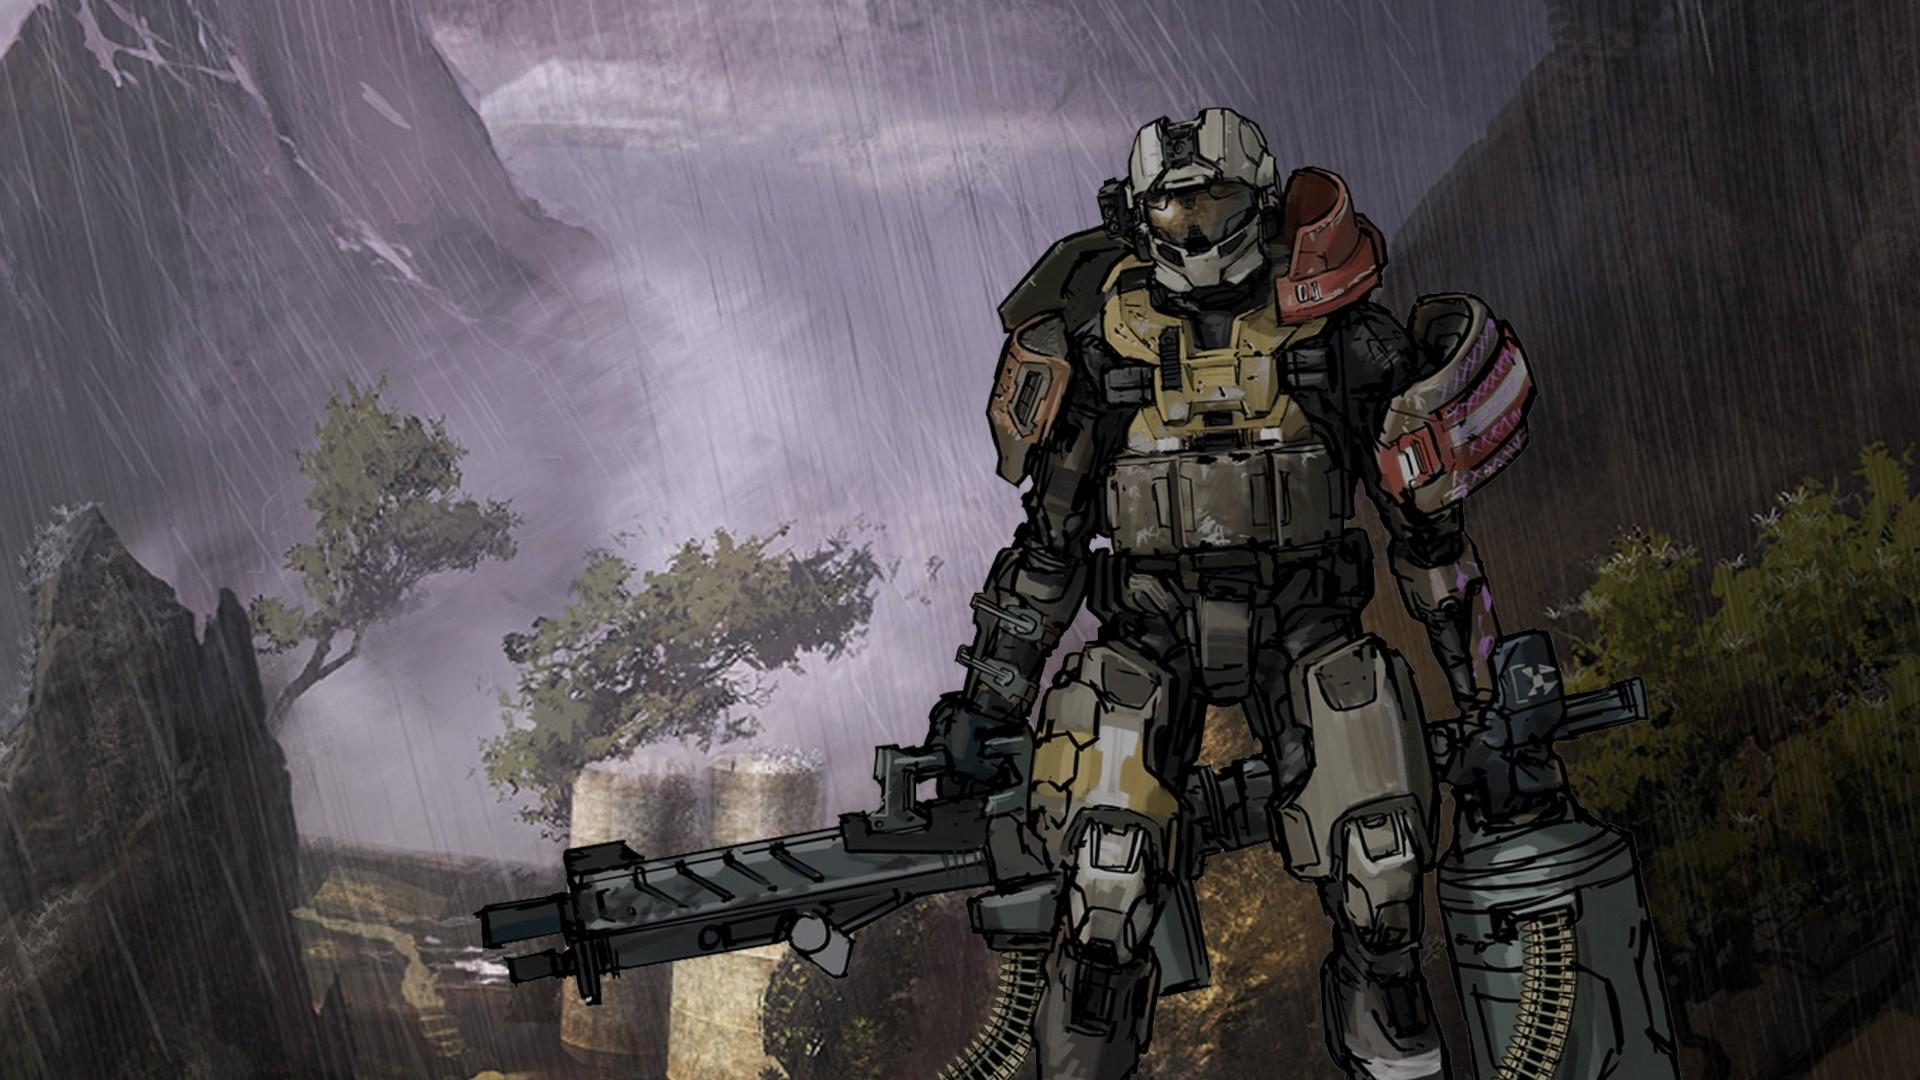 Halo Reach Background